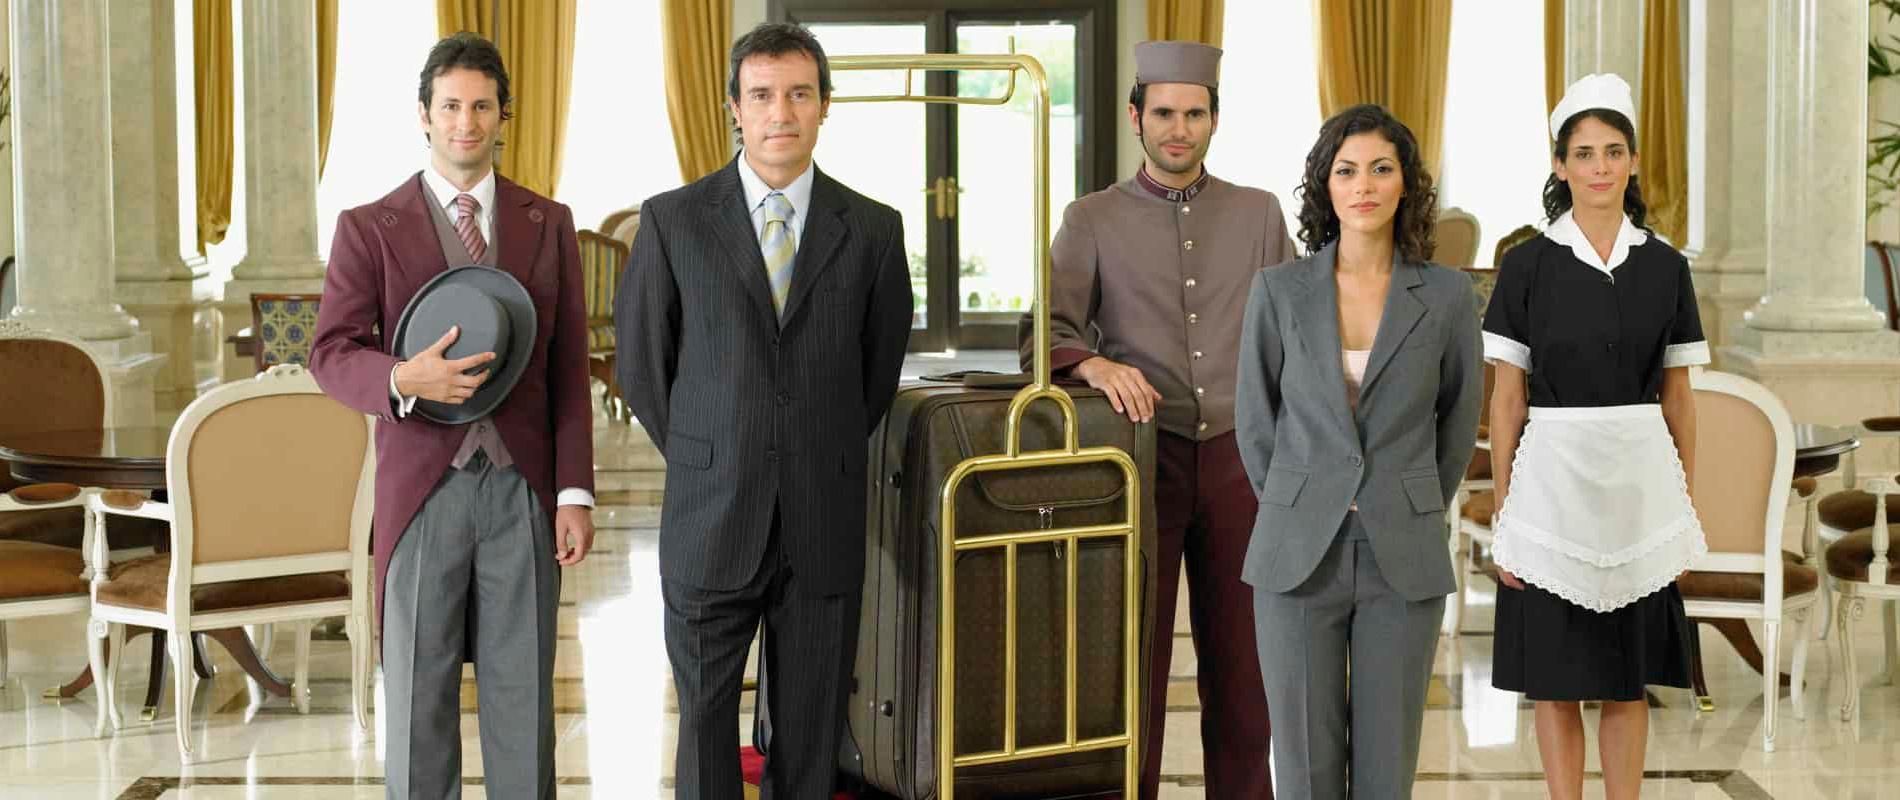 hotel-staff-in-lobby (1900×800)